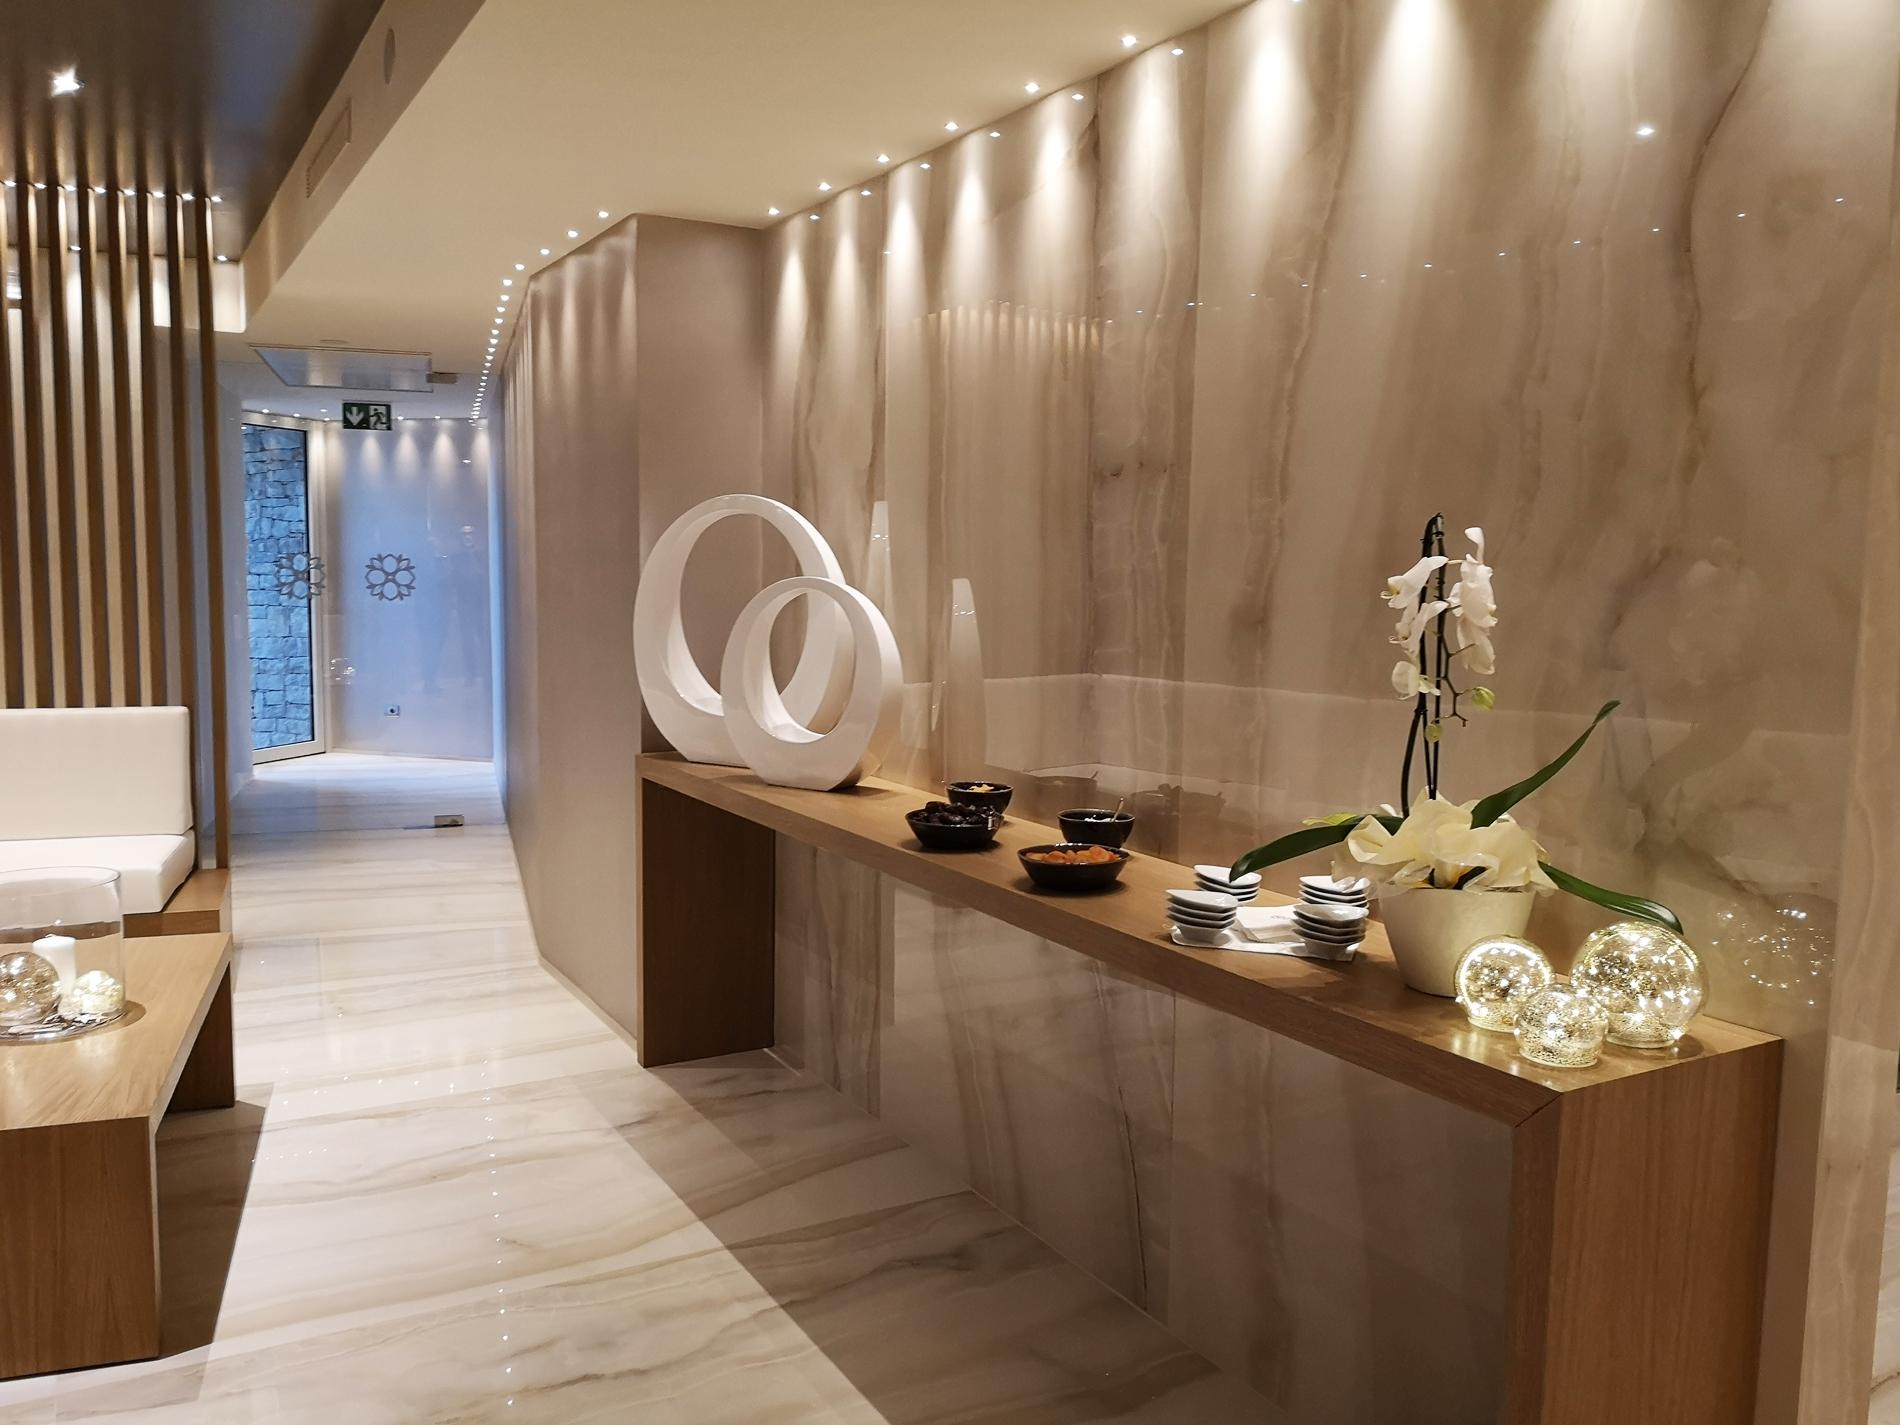 park_hotel_imperial_nuovo_wellness_spa700.jpg